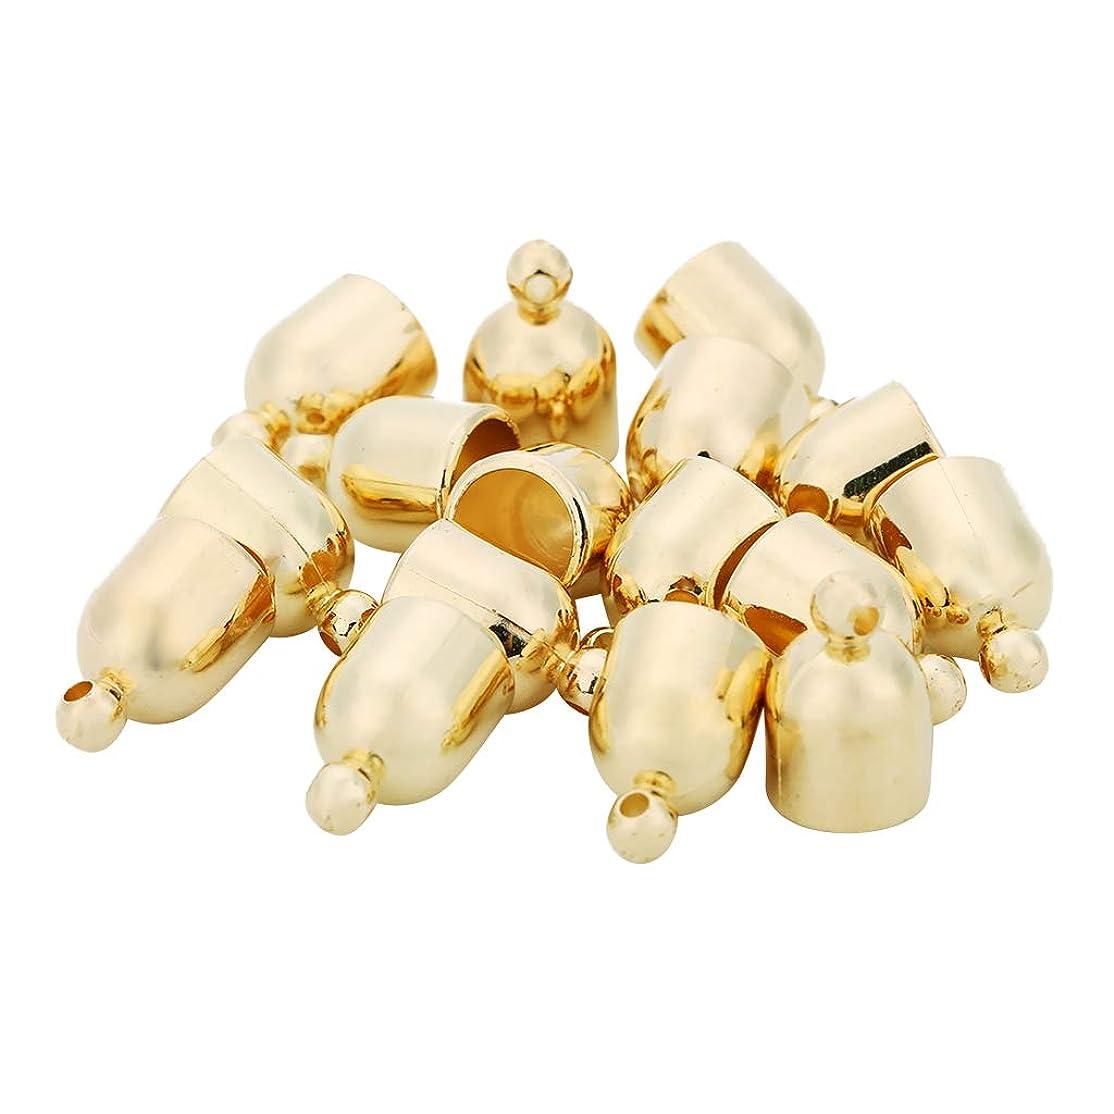 一般化する予約スピンFLAMEER 約100個 DIY装飾 ベル形状 ペンダント魅力 手作り タッセルキャップ ジュエリー製作 2色選ぶ - ゴールド